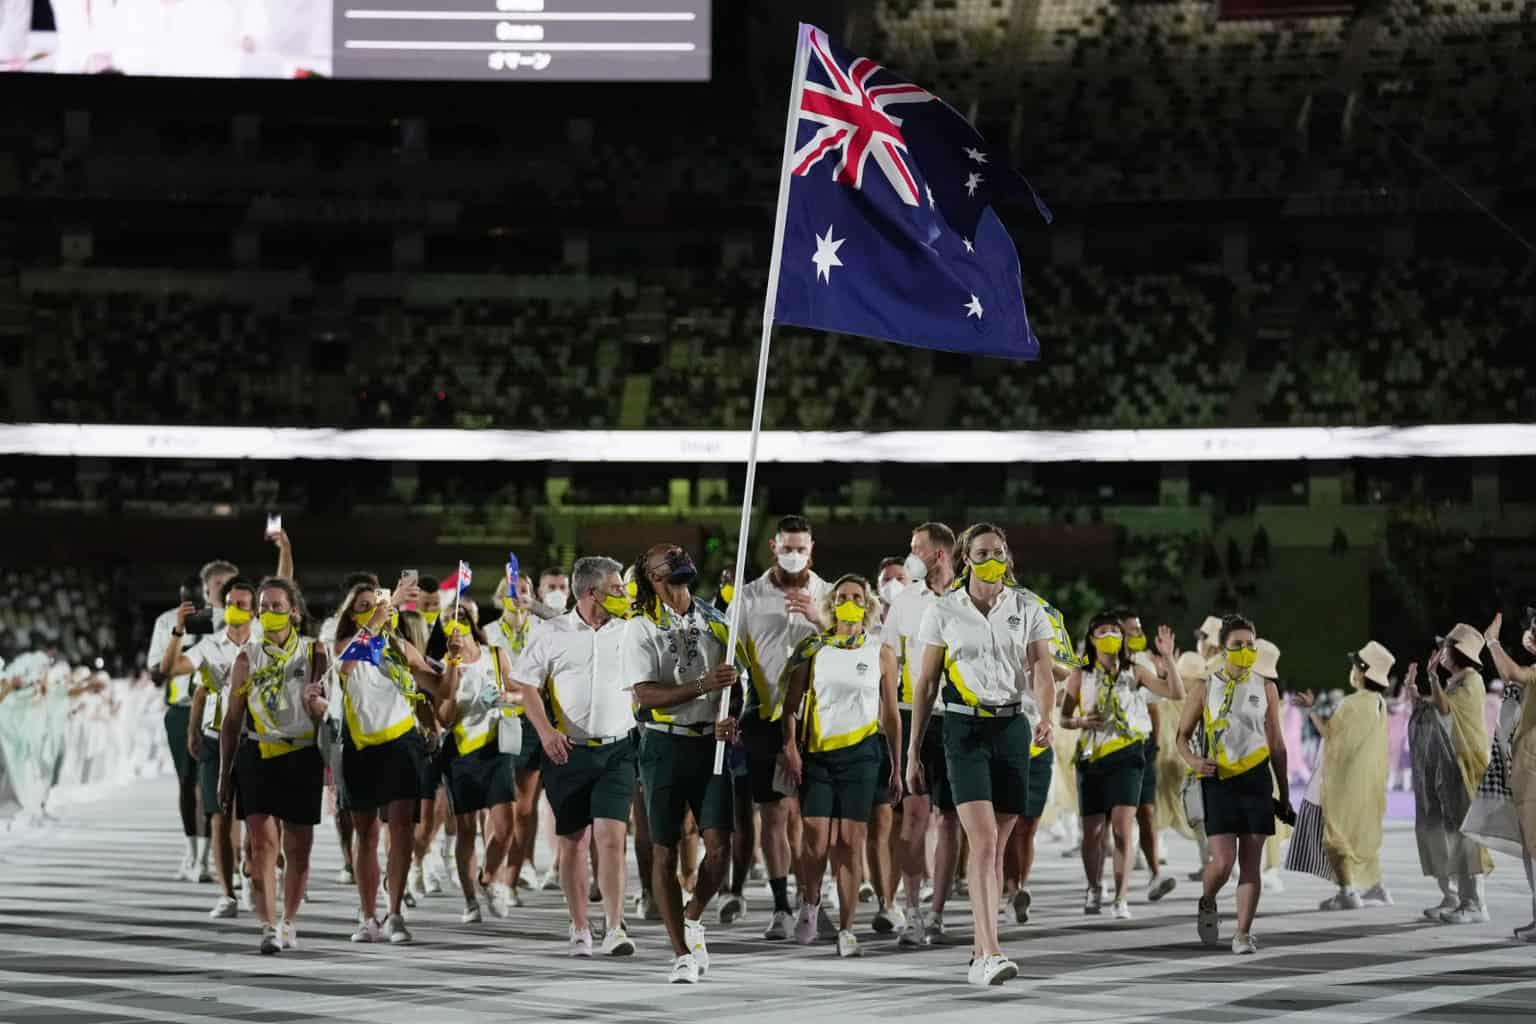 Все 63 легкоатлета сборной Австралии на Олимпиаде ушли на карантин